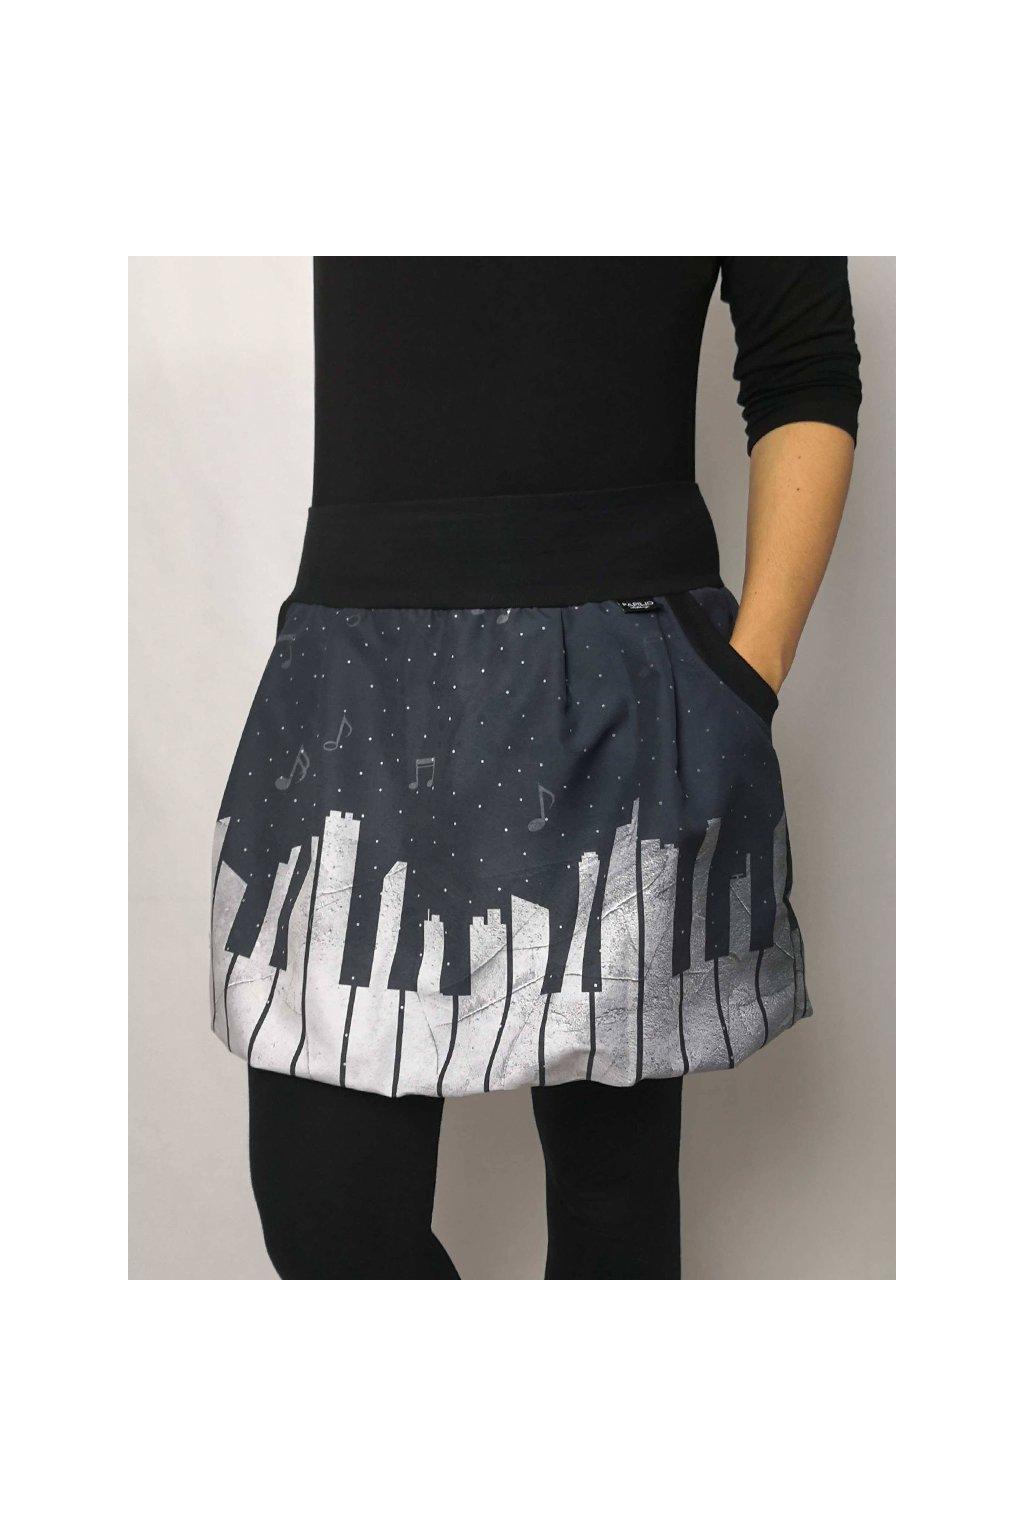 Balonova sukne klaviatura papilio clothing